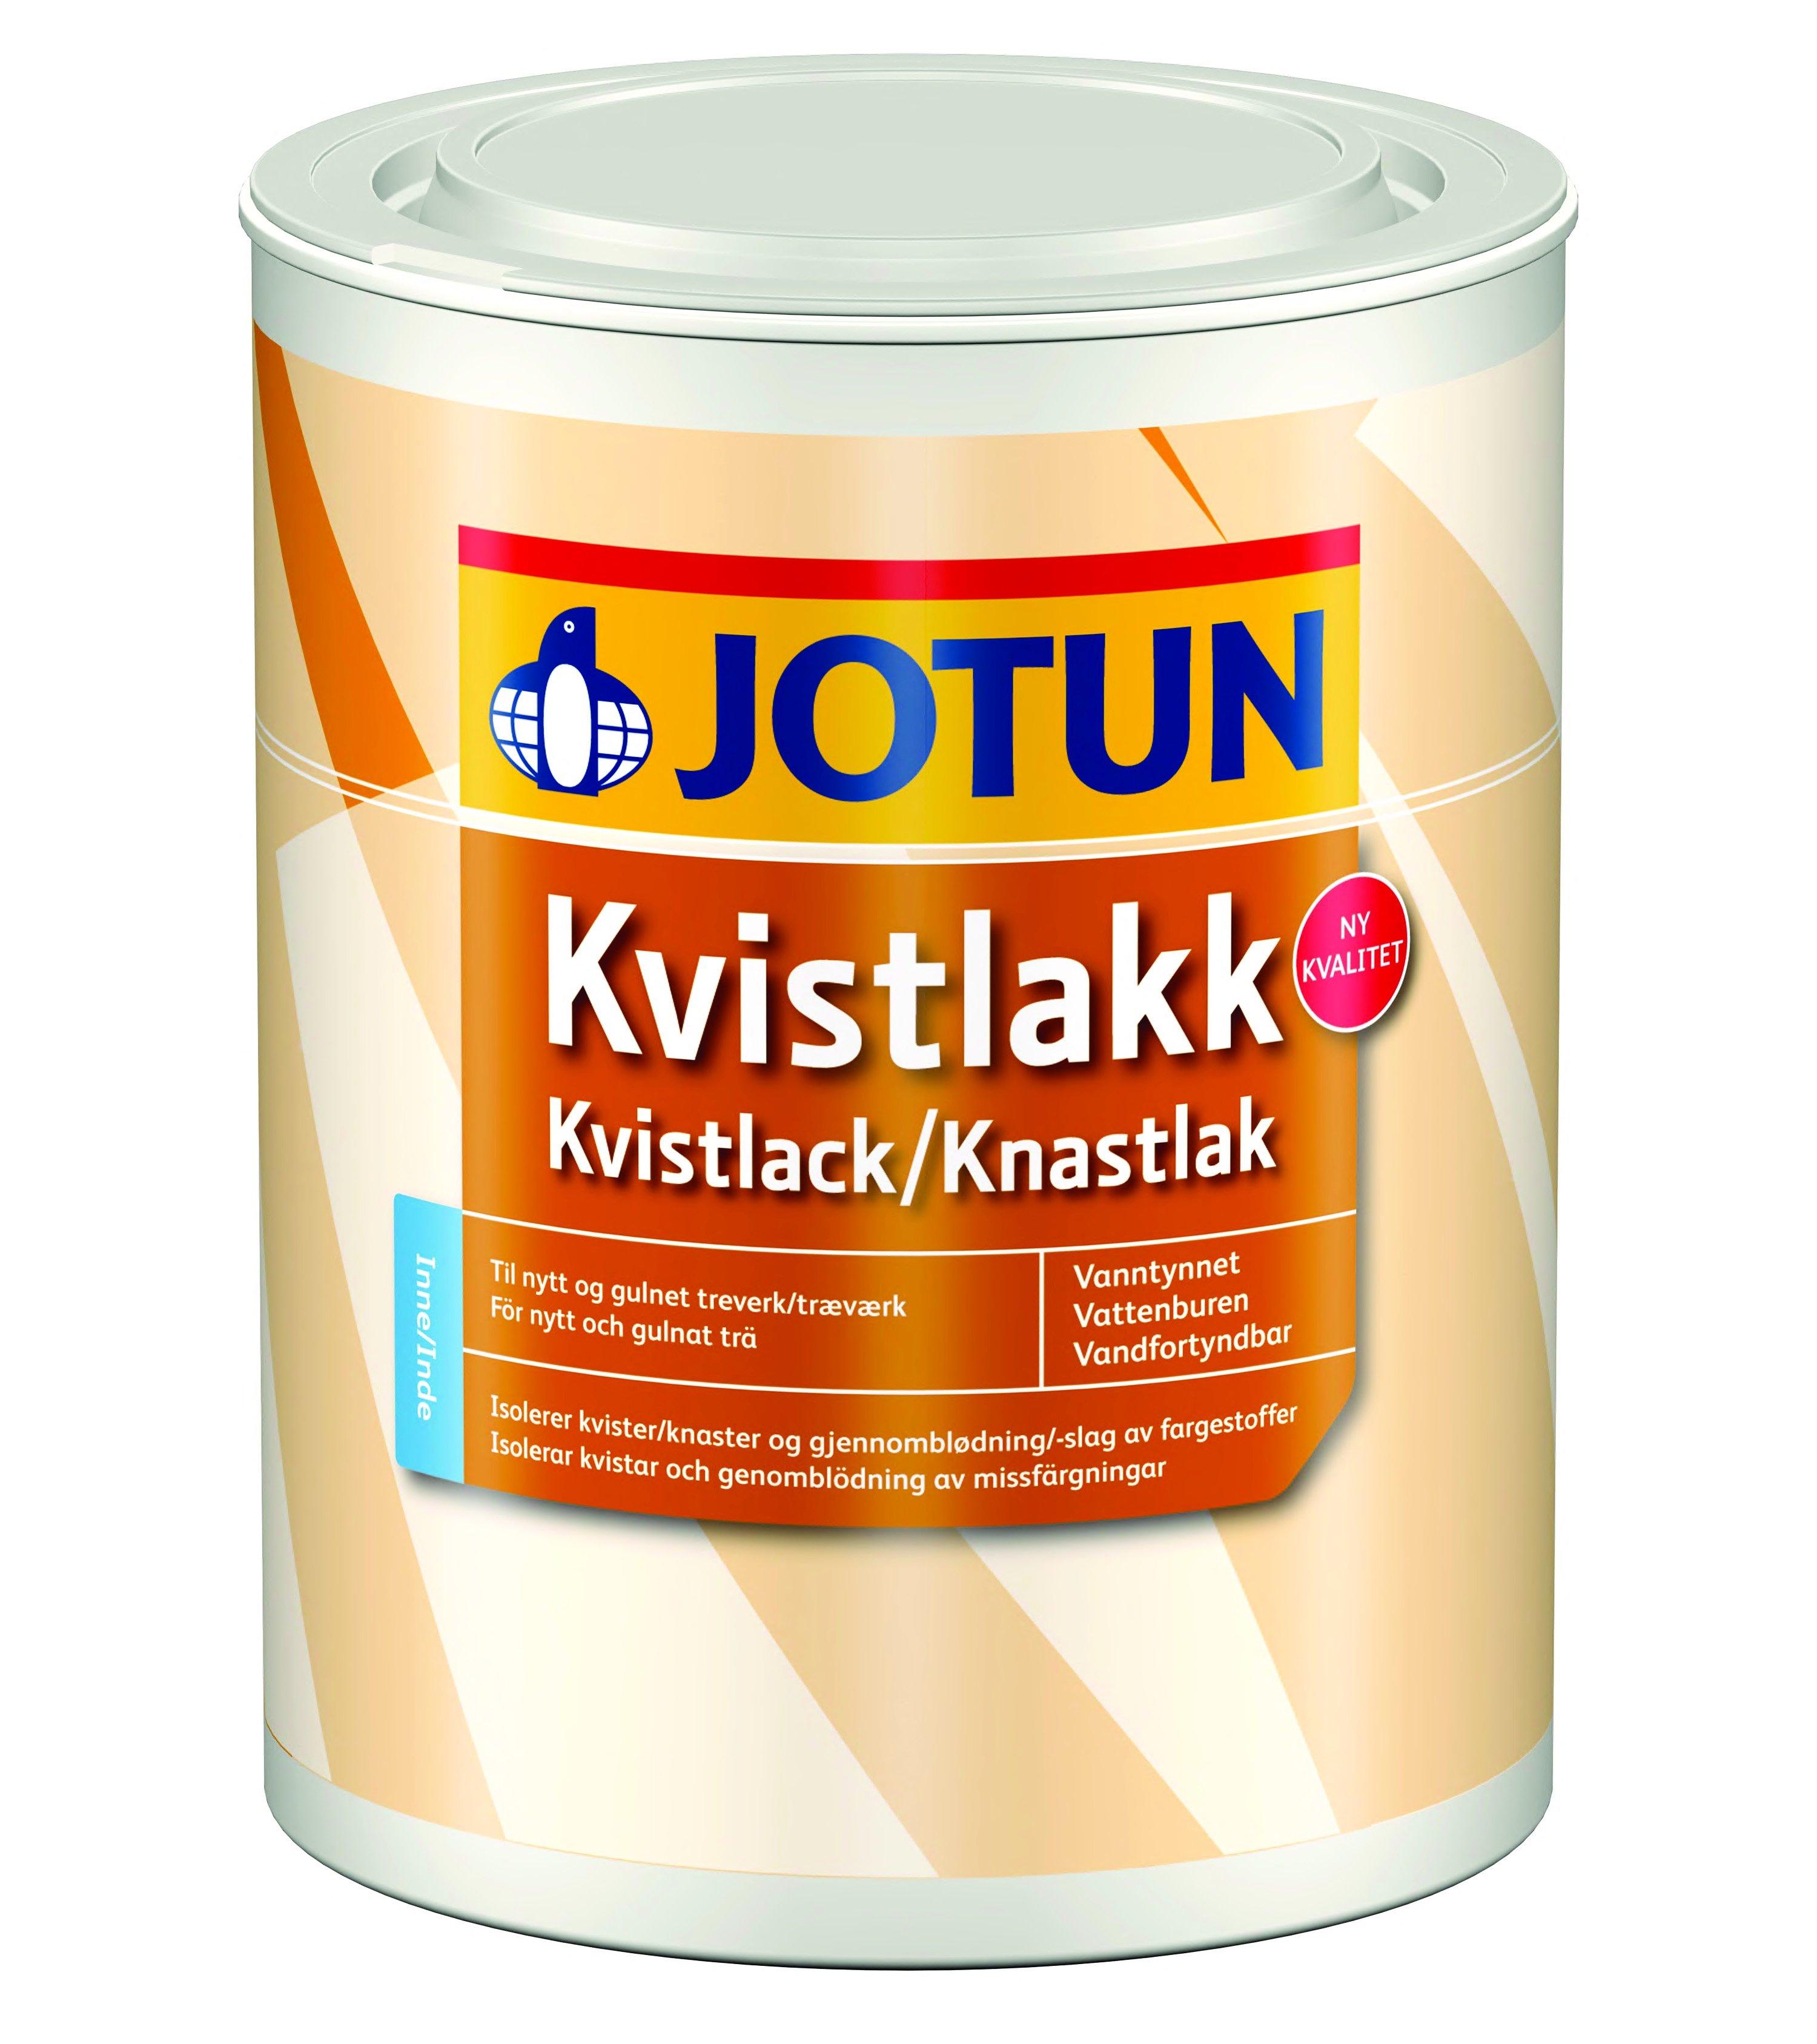 Jotun Kvistlakk (knastlak)